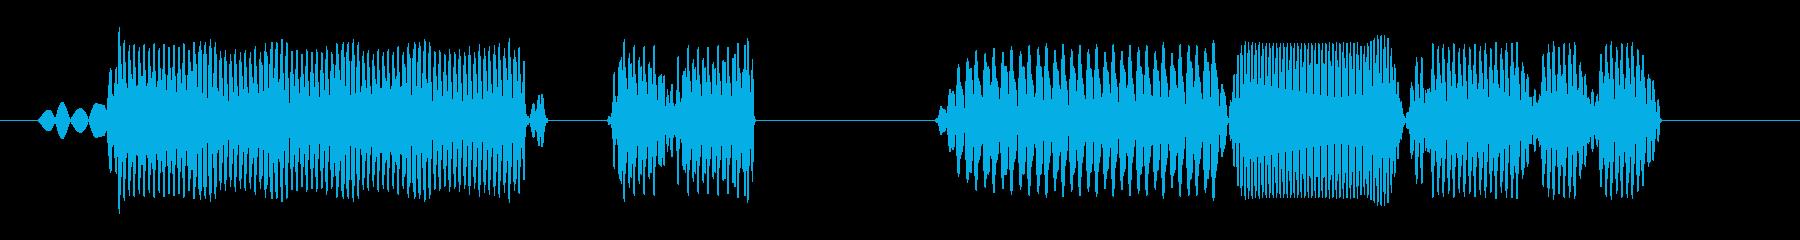 プゥププヤゥン(会話のような電子音)の再生済みの波形